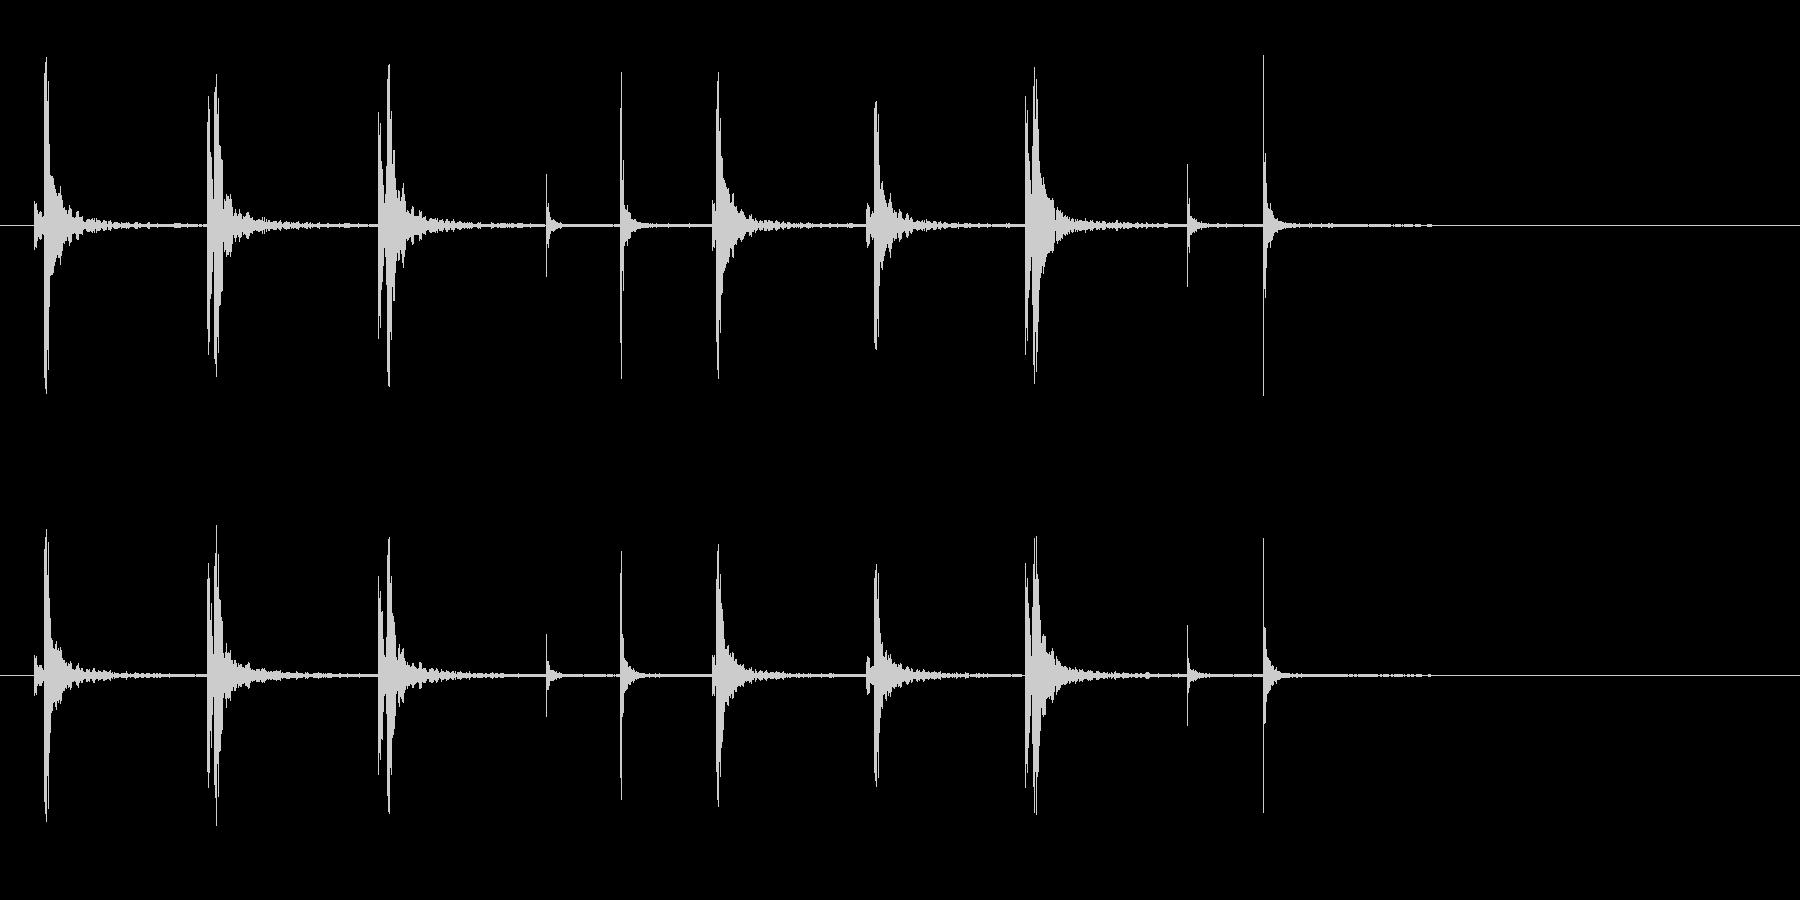 和太鼓の桶胴(おけどう)フレーズ音+Fxの未再生の波形